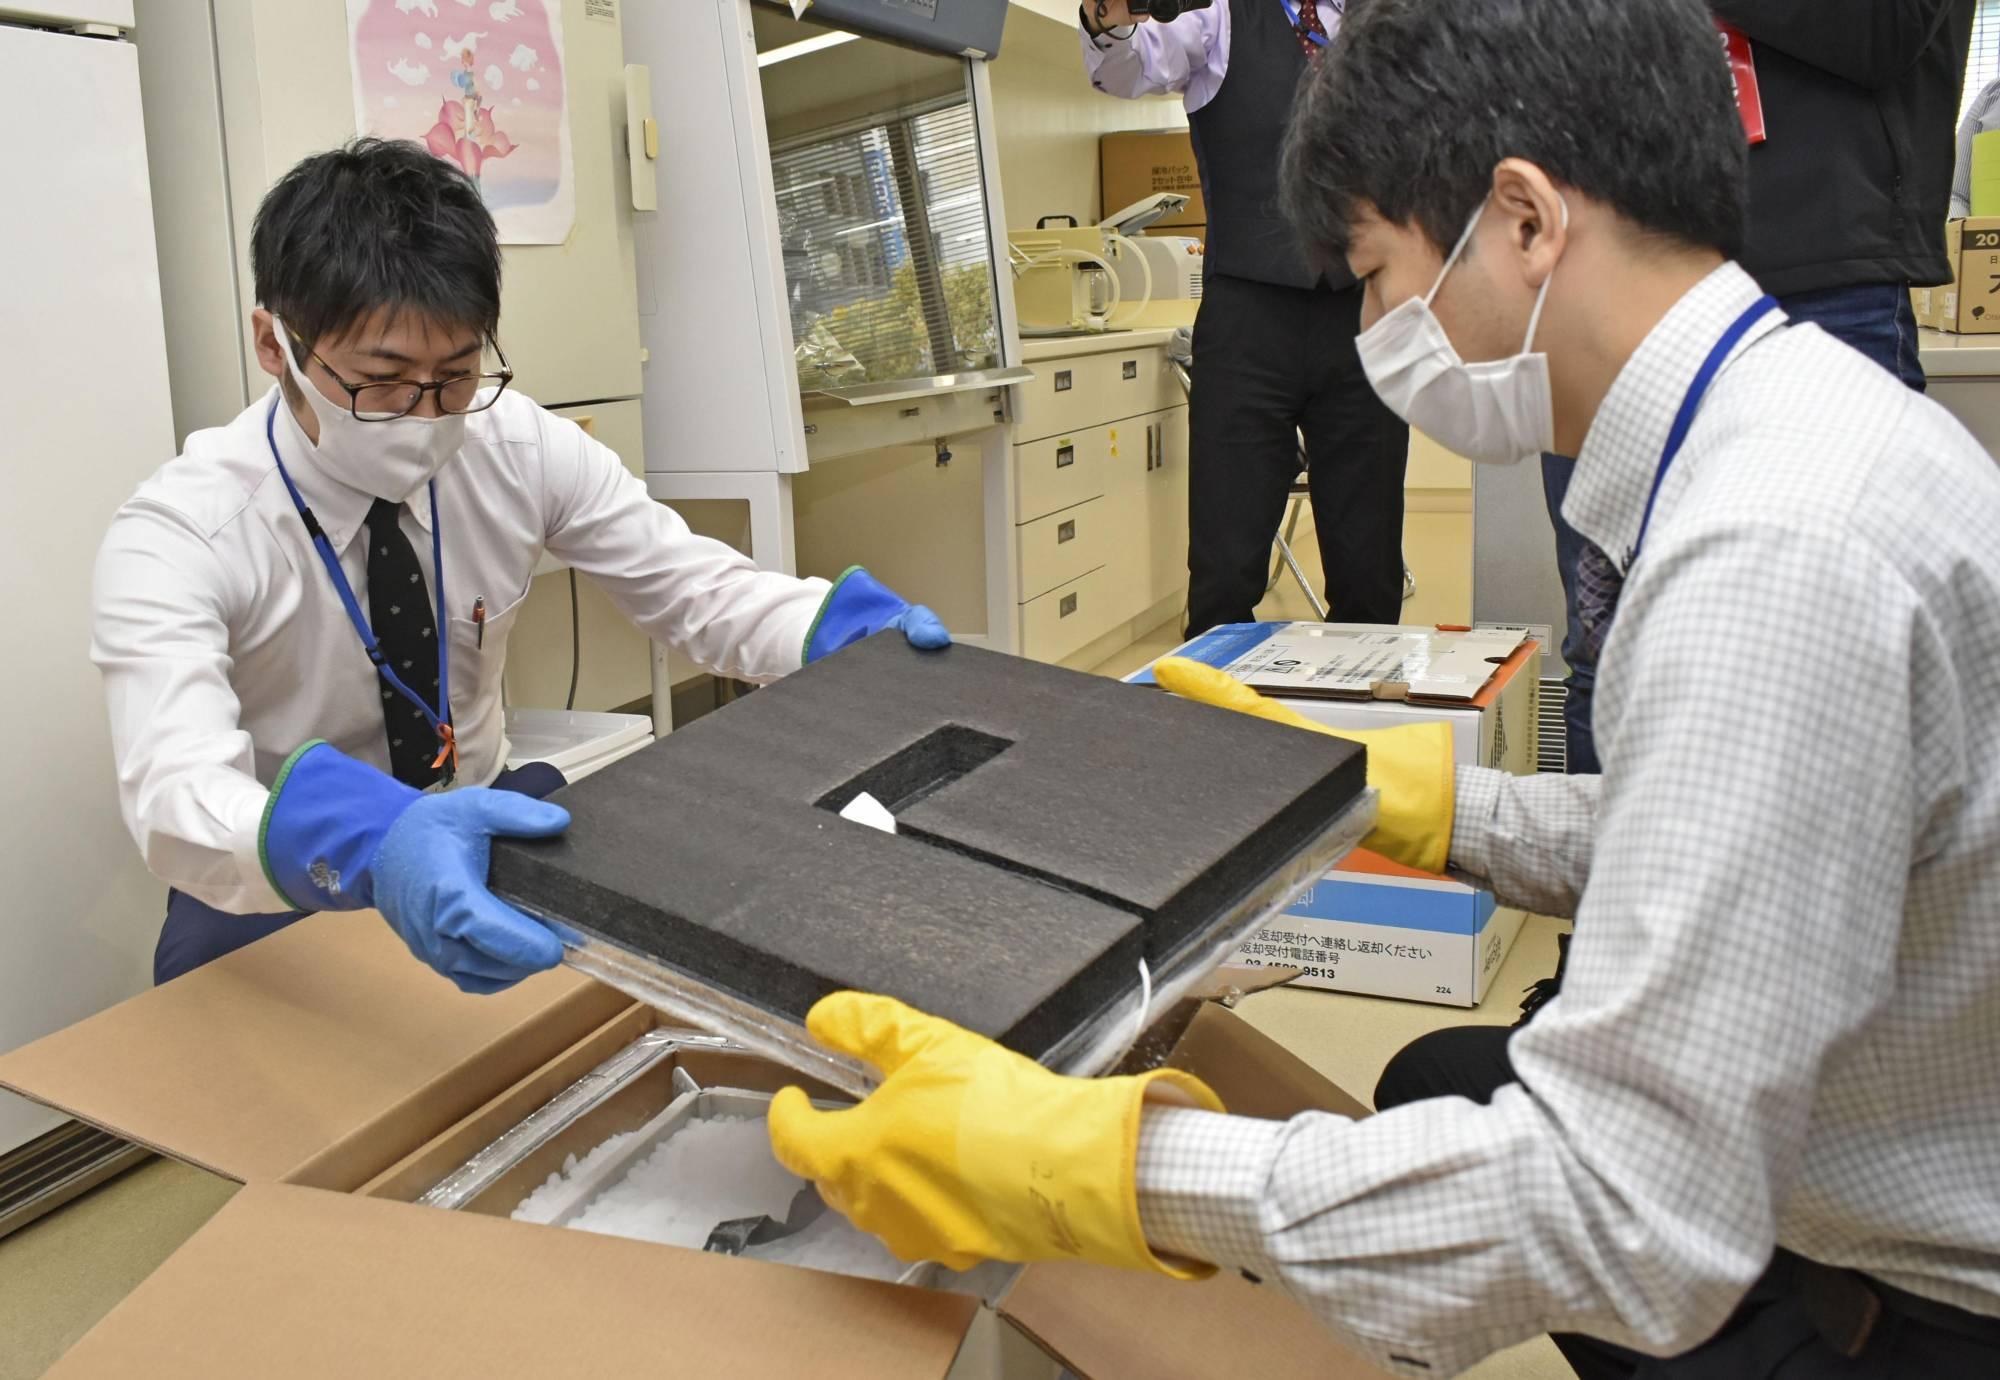 Một hộp vaccine Covid-19 được kiểm tra tại một địa điểm tiêm chủng ở Nagoya (Nhật Bản) ngày 8/4.